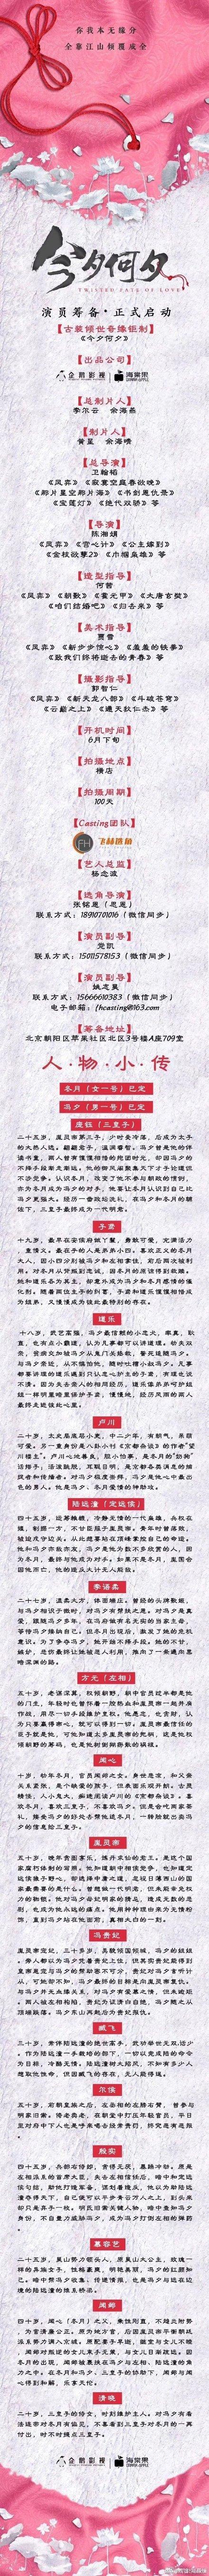 Kim Hạn nên duyên cùng Tôn Di trong Kim tịch hà tịch ảnh 4